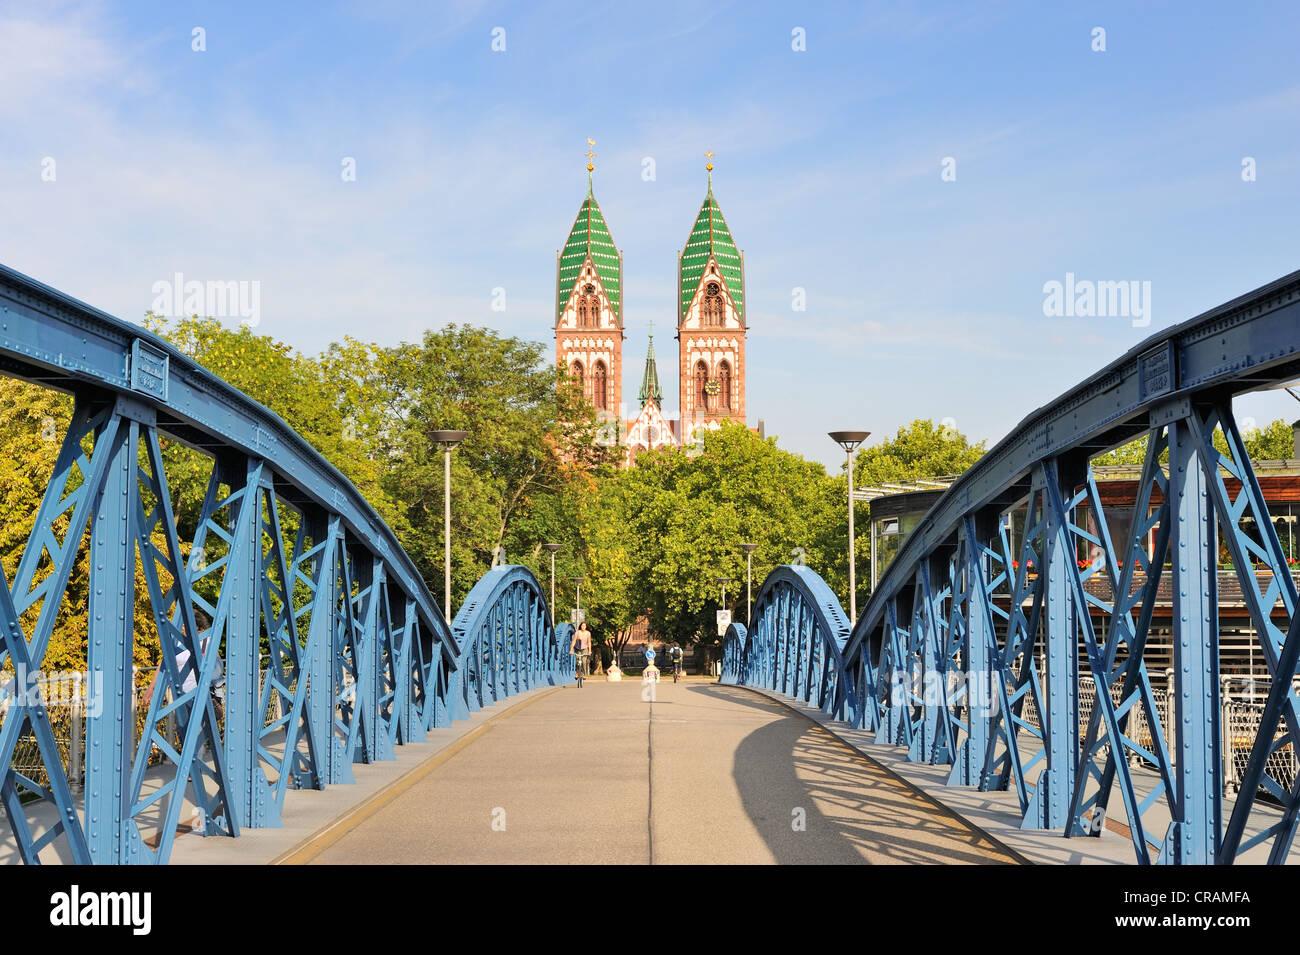 Blaue Bruecke or Wiwili-Bruecke bridge and the Sacred Heart Church, Freiburg, Baden-Wuerttemberg, Germany, Europe - Stock Image